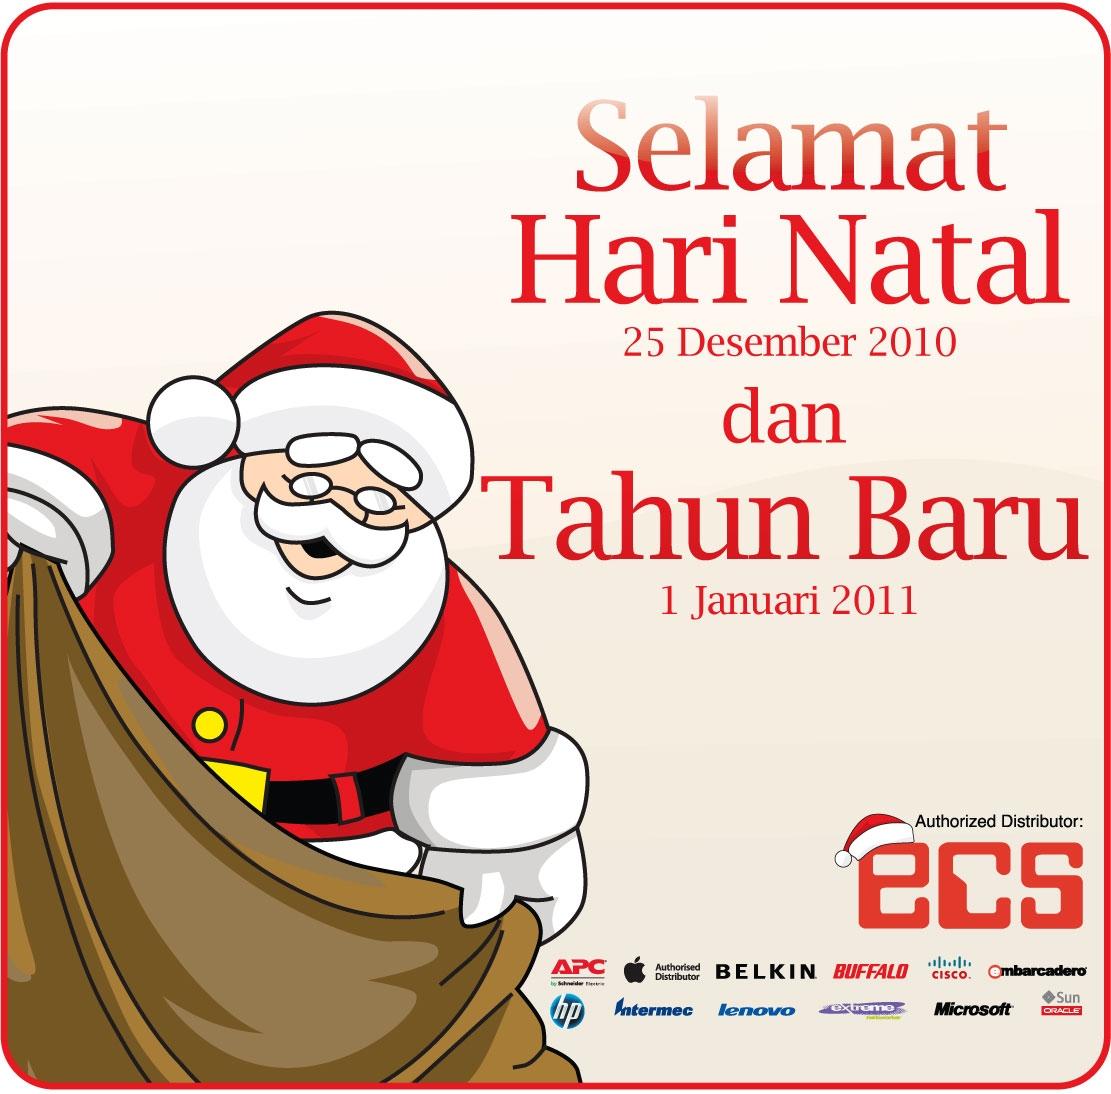 Pojok Berita: Selamat Hari Natal 2010 dan Tahun Baru 2011